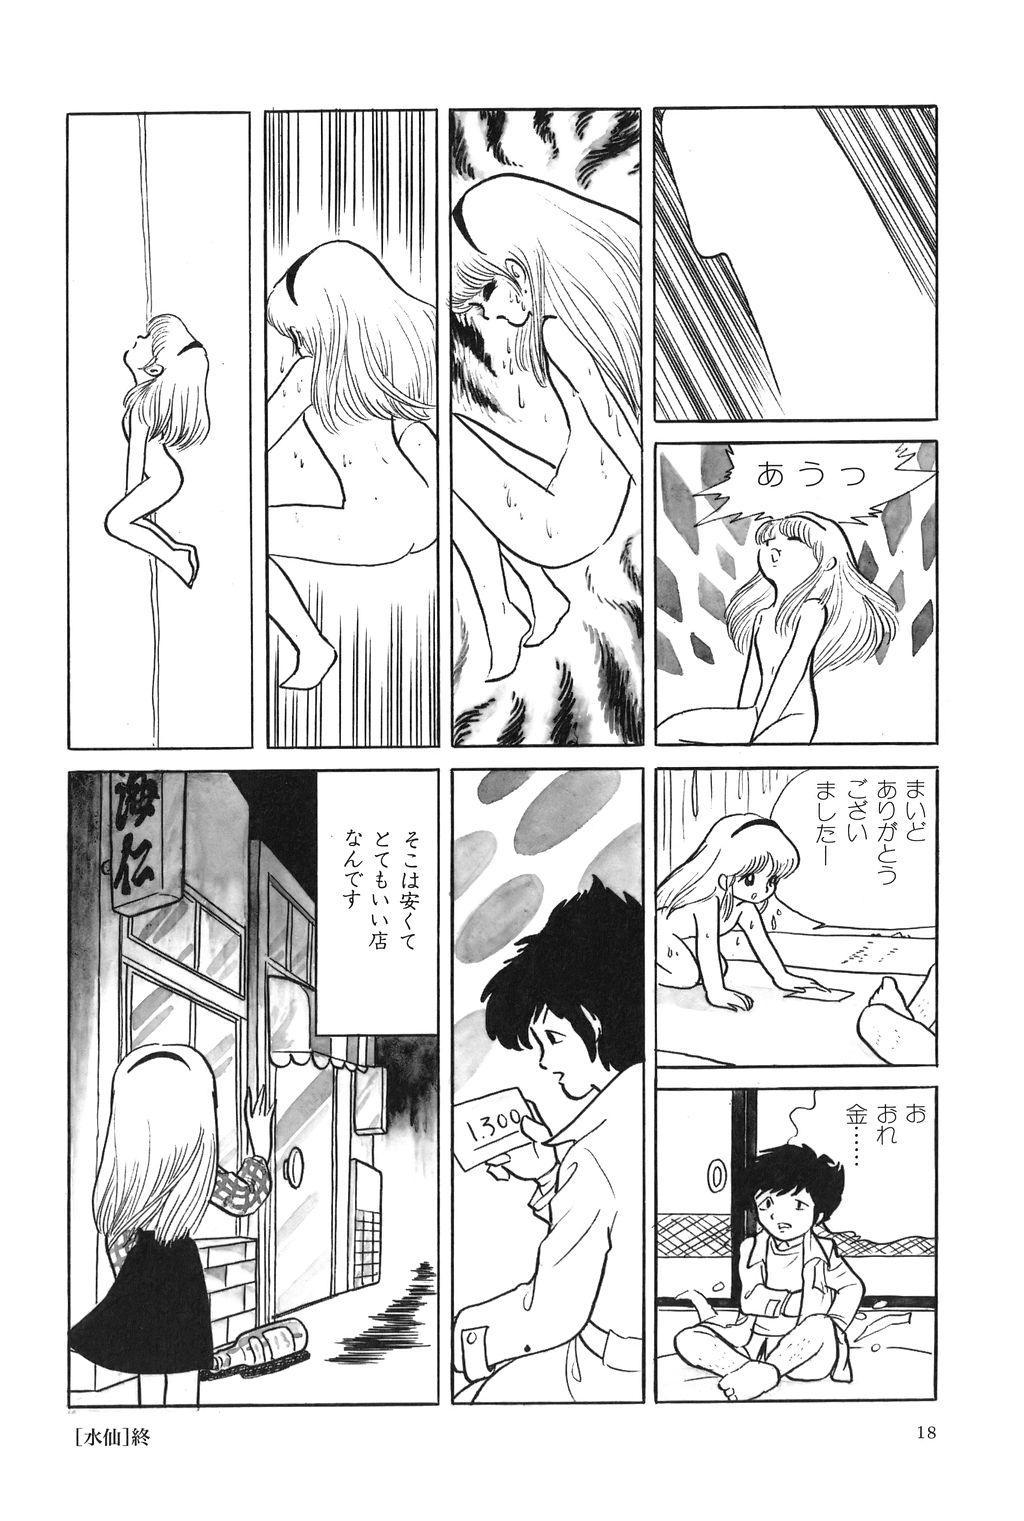 Azuma Hideo Sakuhin Shuusei - Yoru no Tobari no Naka de 22